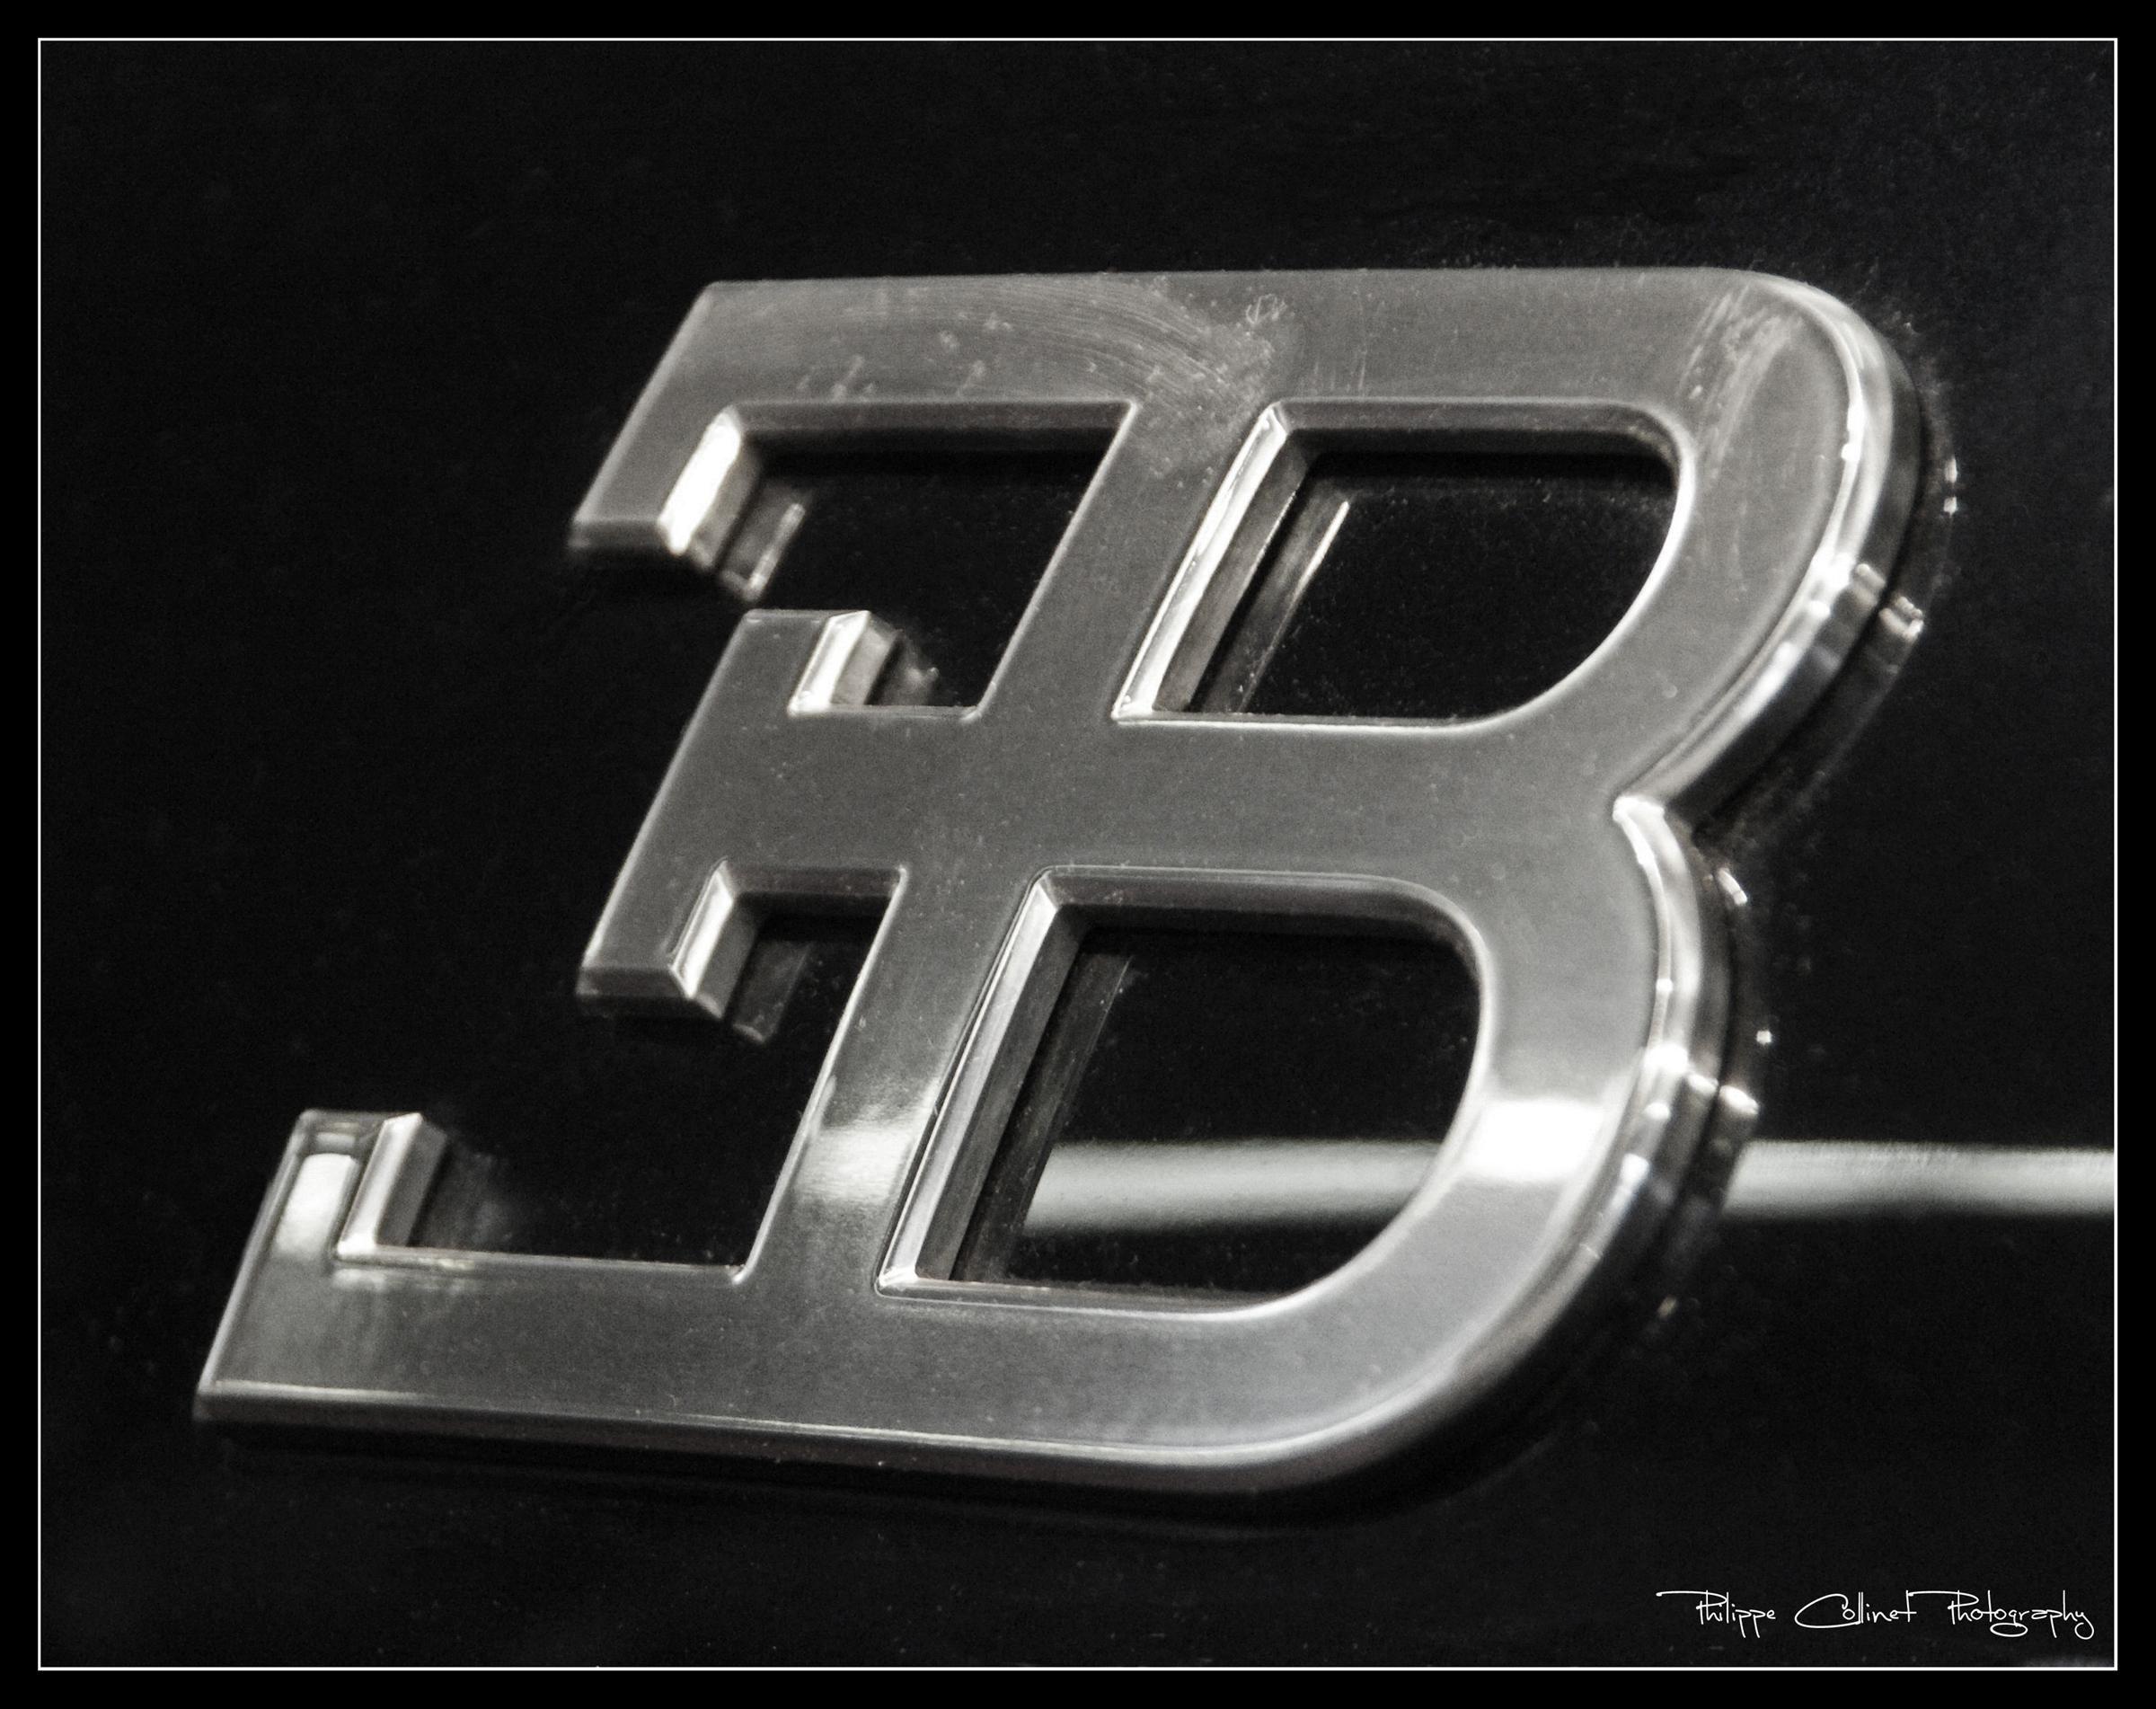 Pin by mina bastawy on logo designs Car brands logos